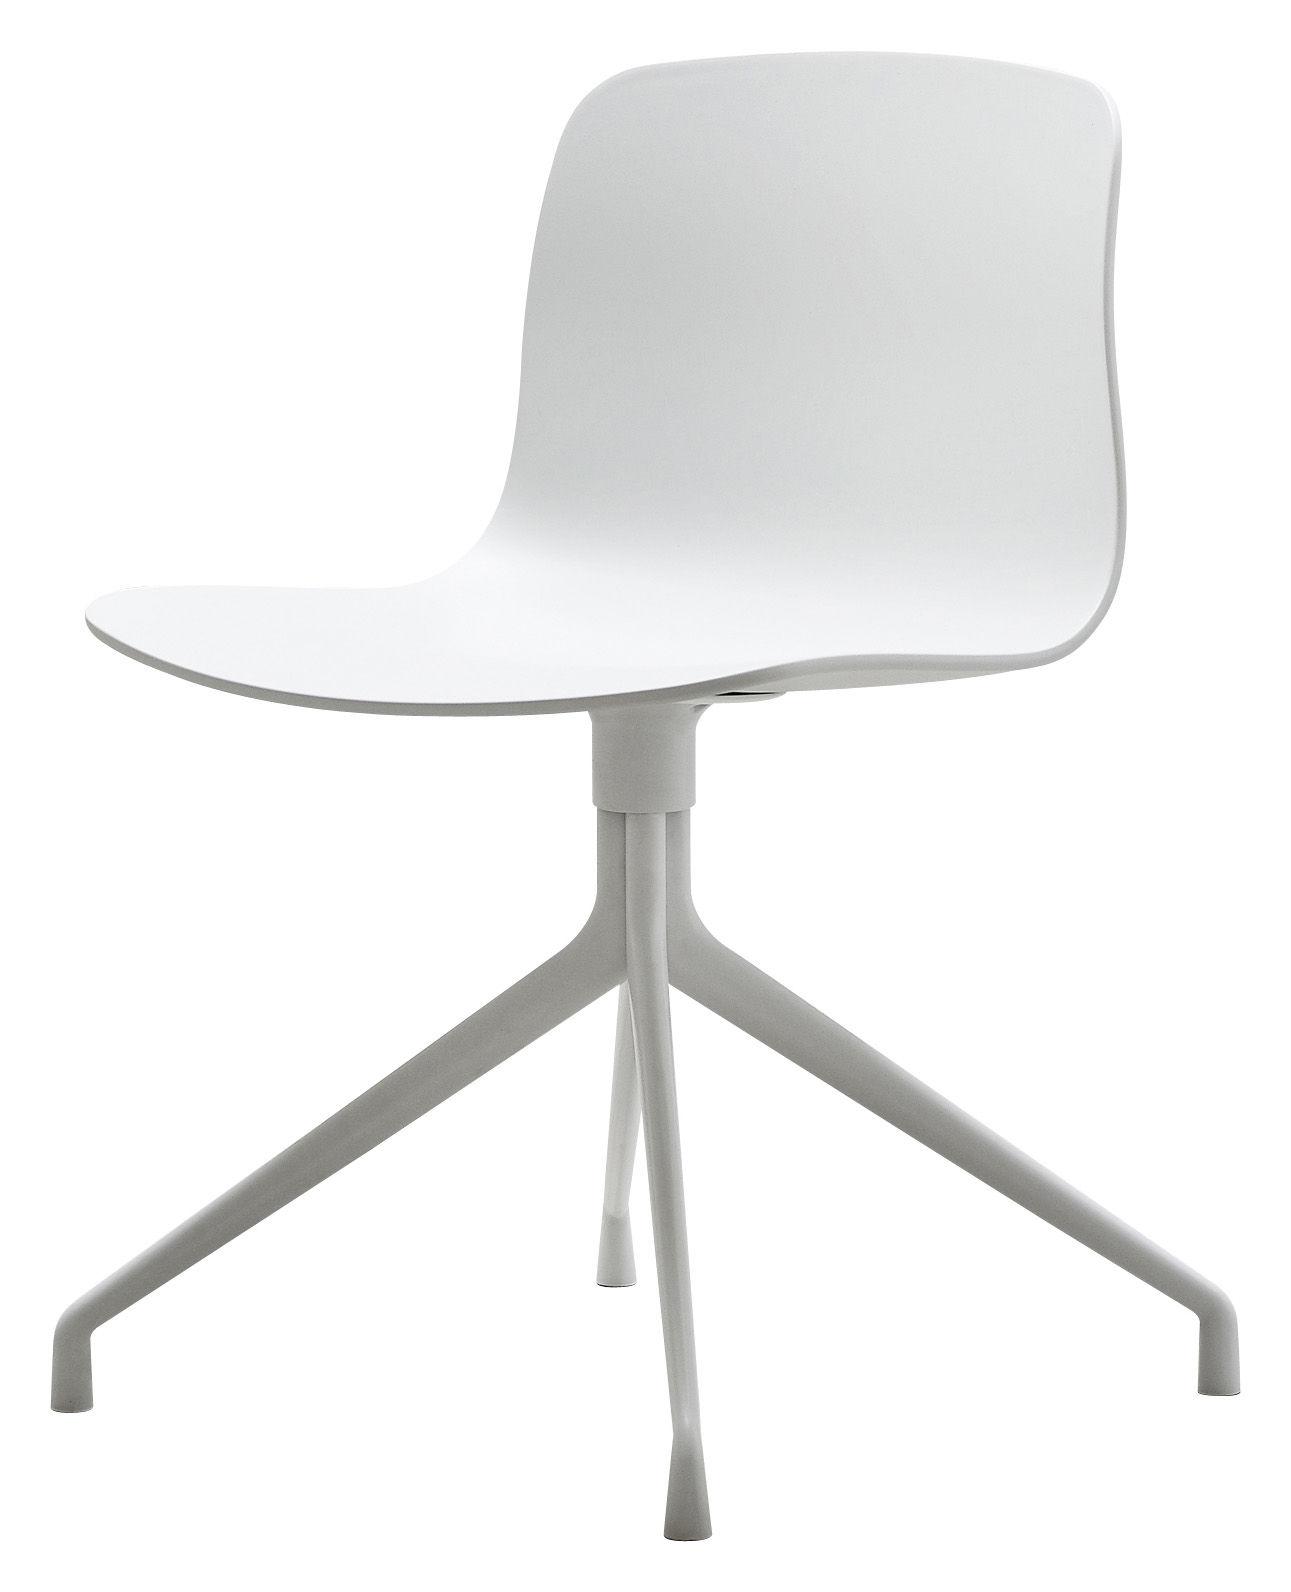 Arredamento - Sedie  - Girevole sedia About a chair - 4 piedi - Girevole di Hay - Bianco - Ghisa di alluminio laccata, Polipropilene